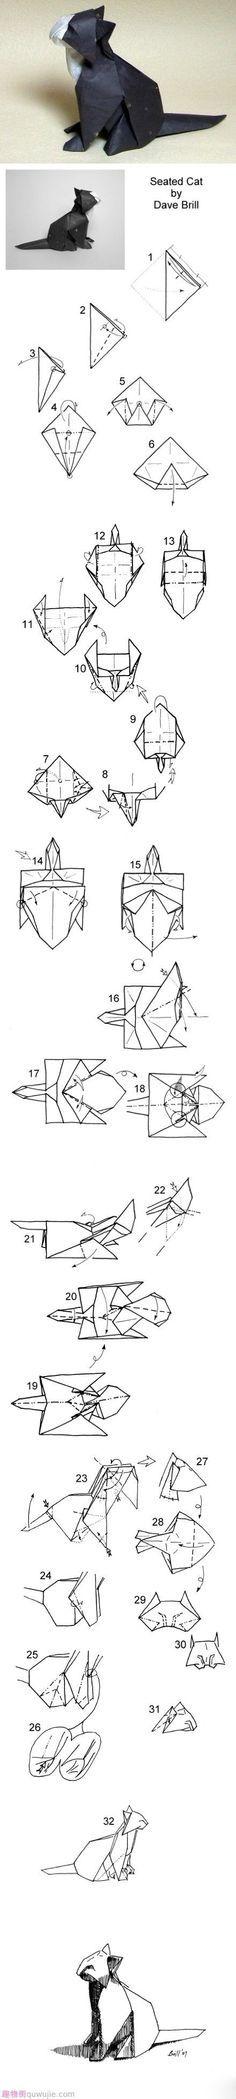 Origami Seated Cat